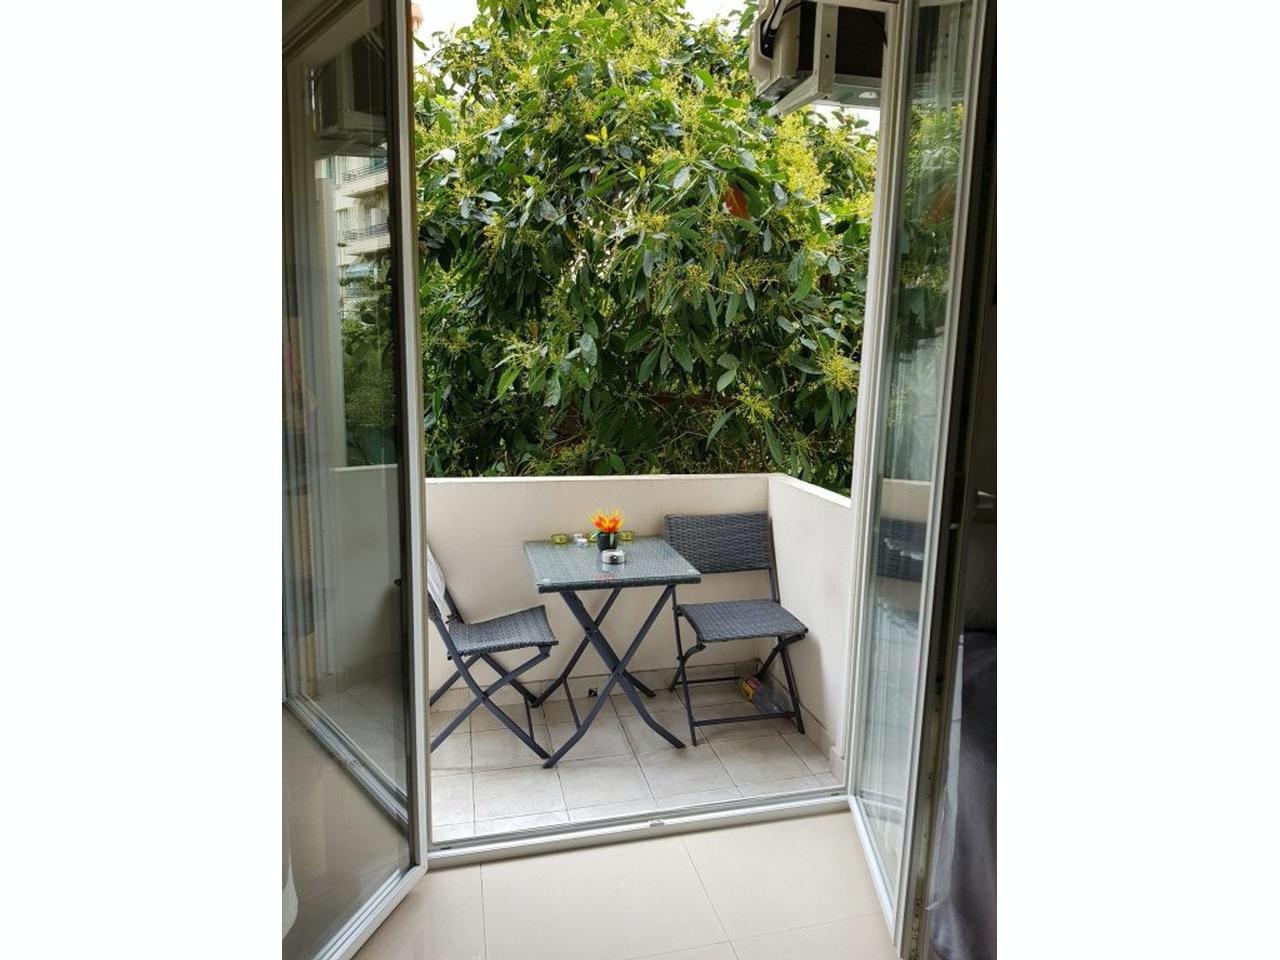 Lägenhet med terrass och 3,5 m högt i tak